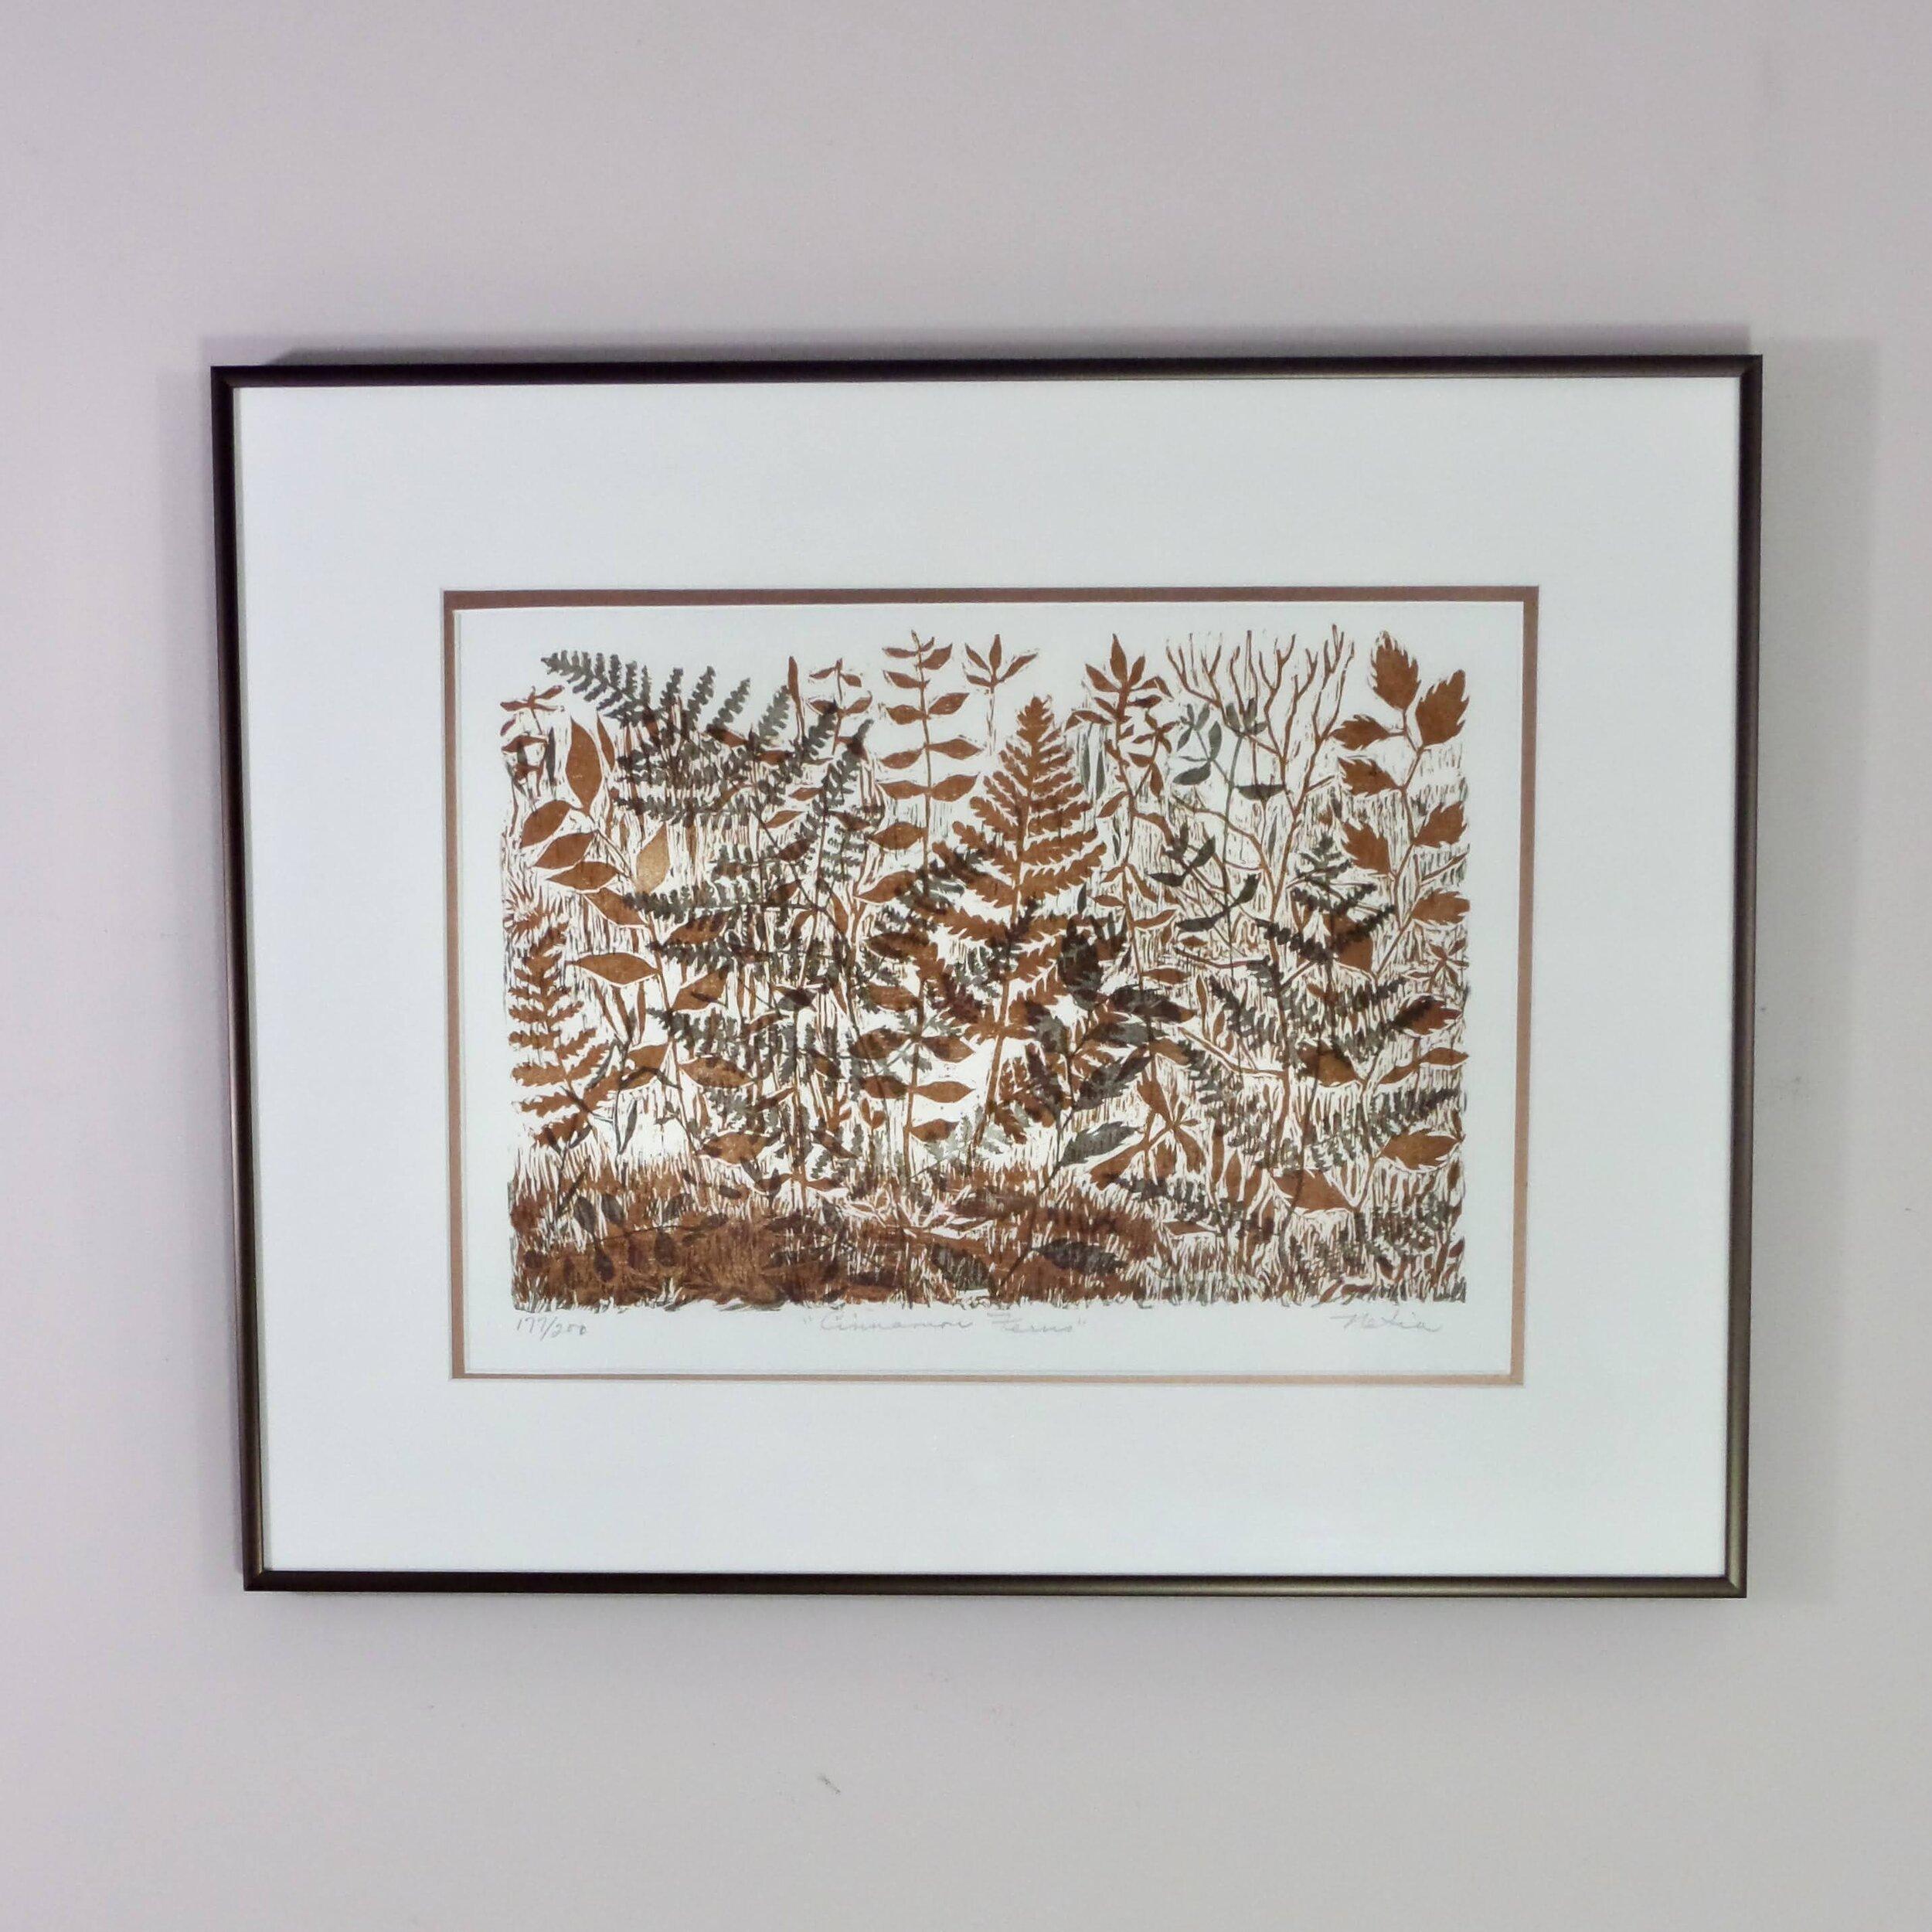 Cinnamon Ferns by Netia Worley